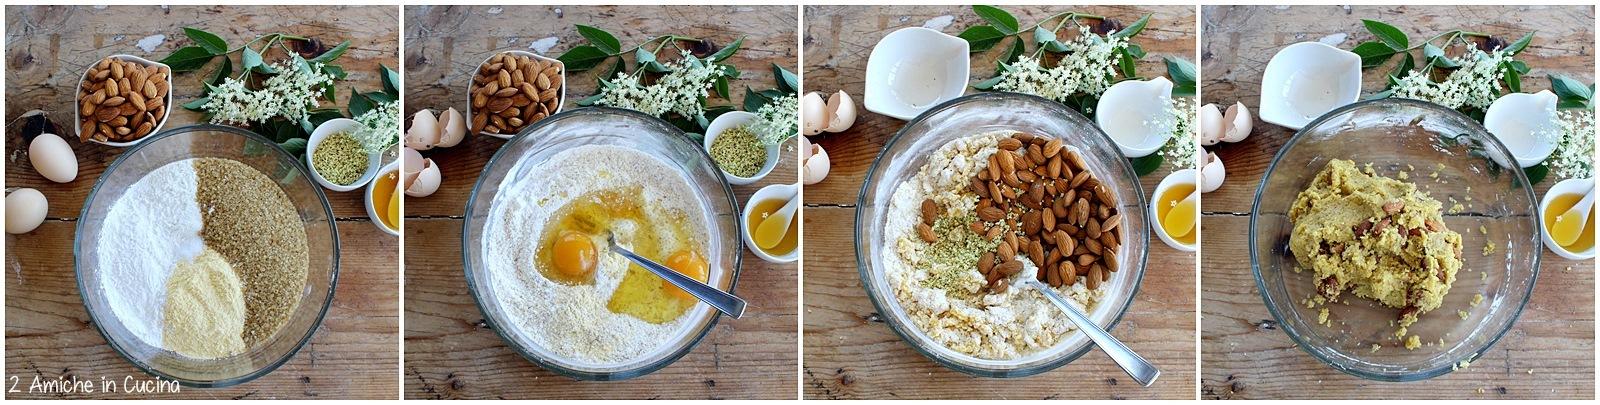 Tozzetti e infuso ai fiori di sambuco passo passo 1